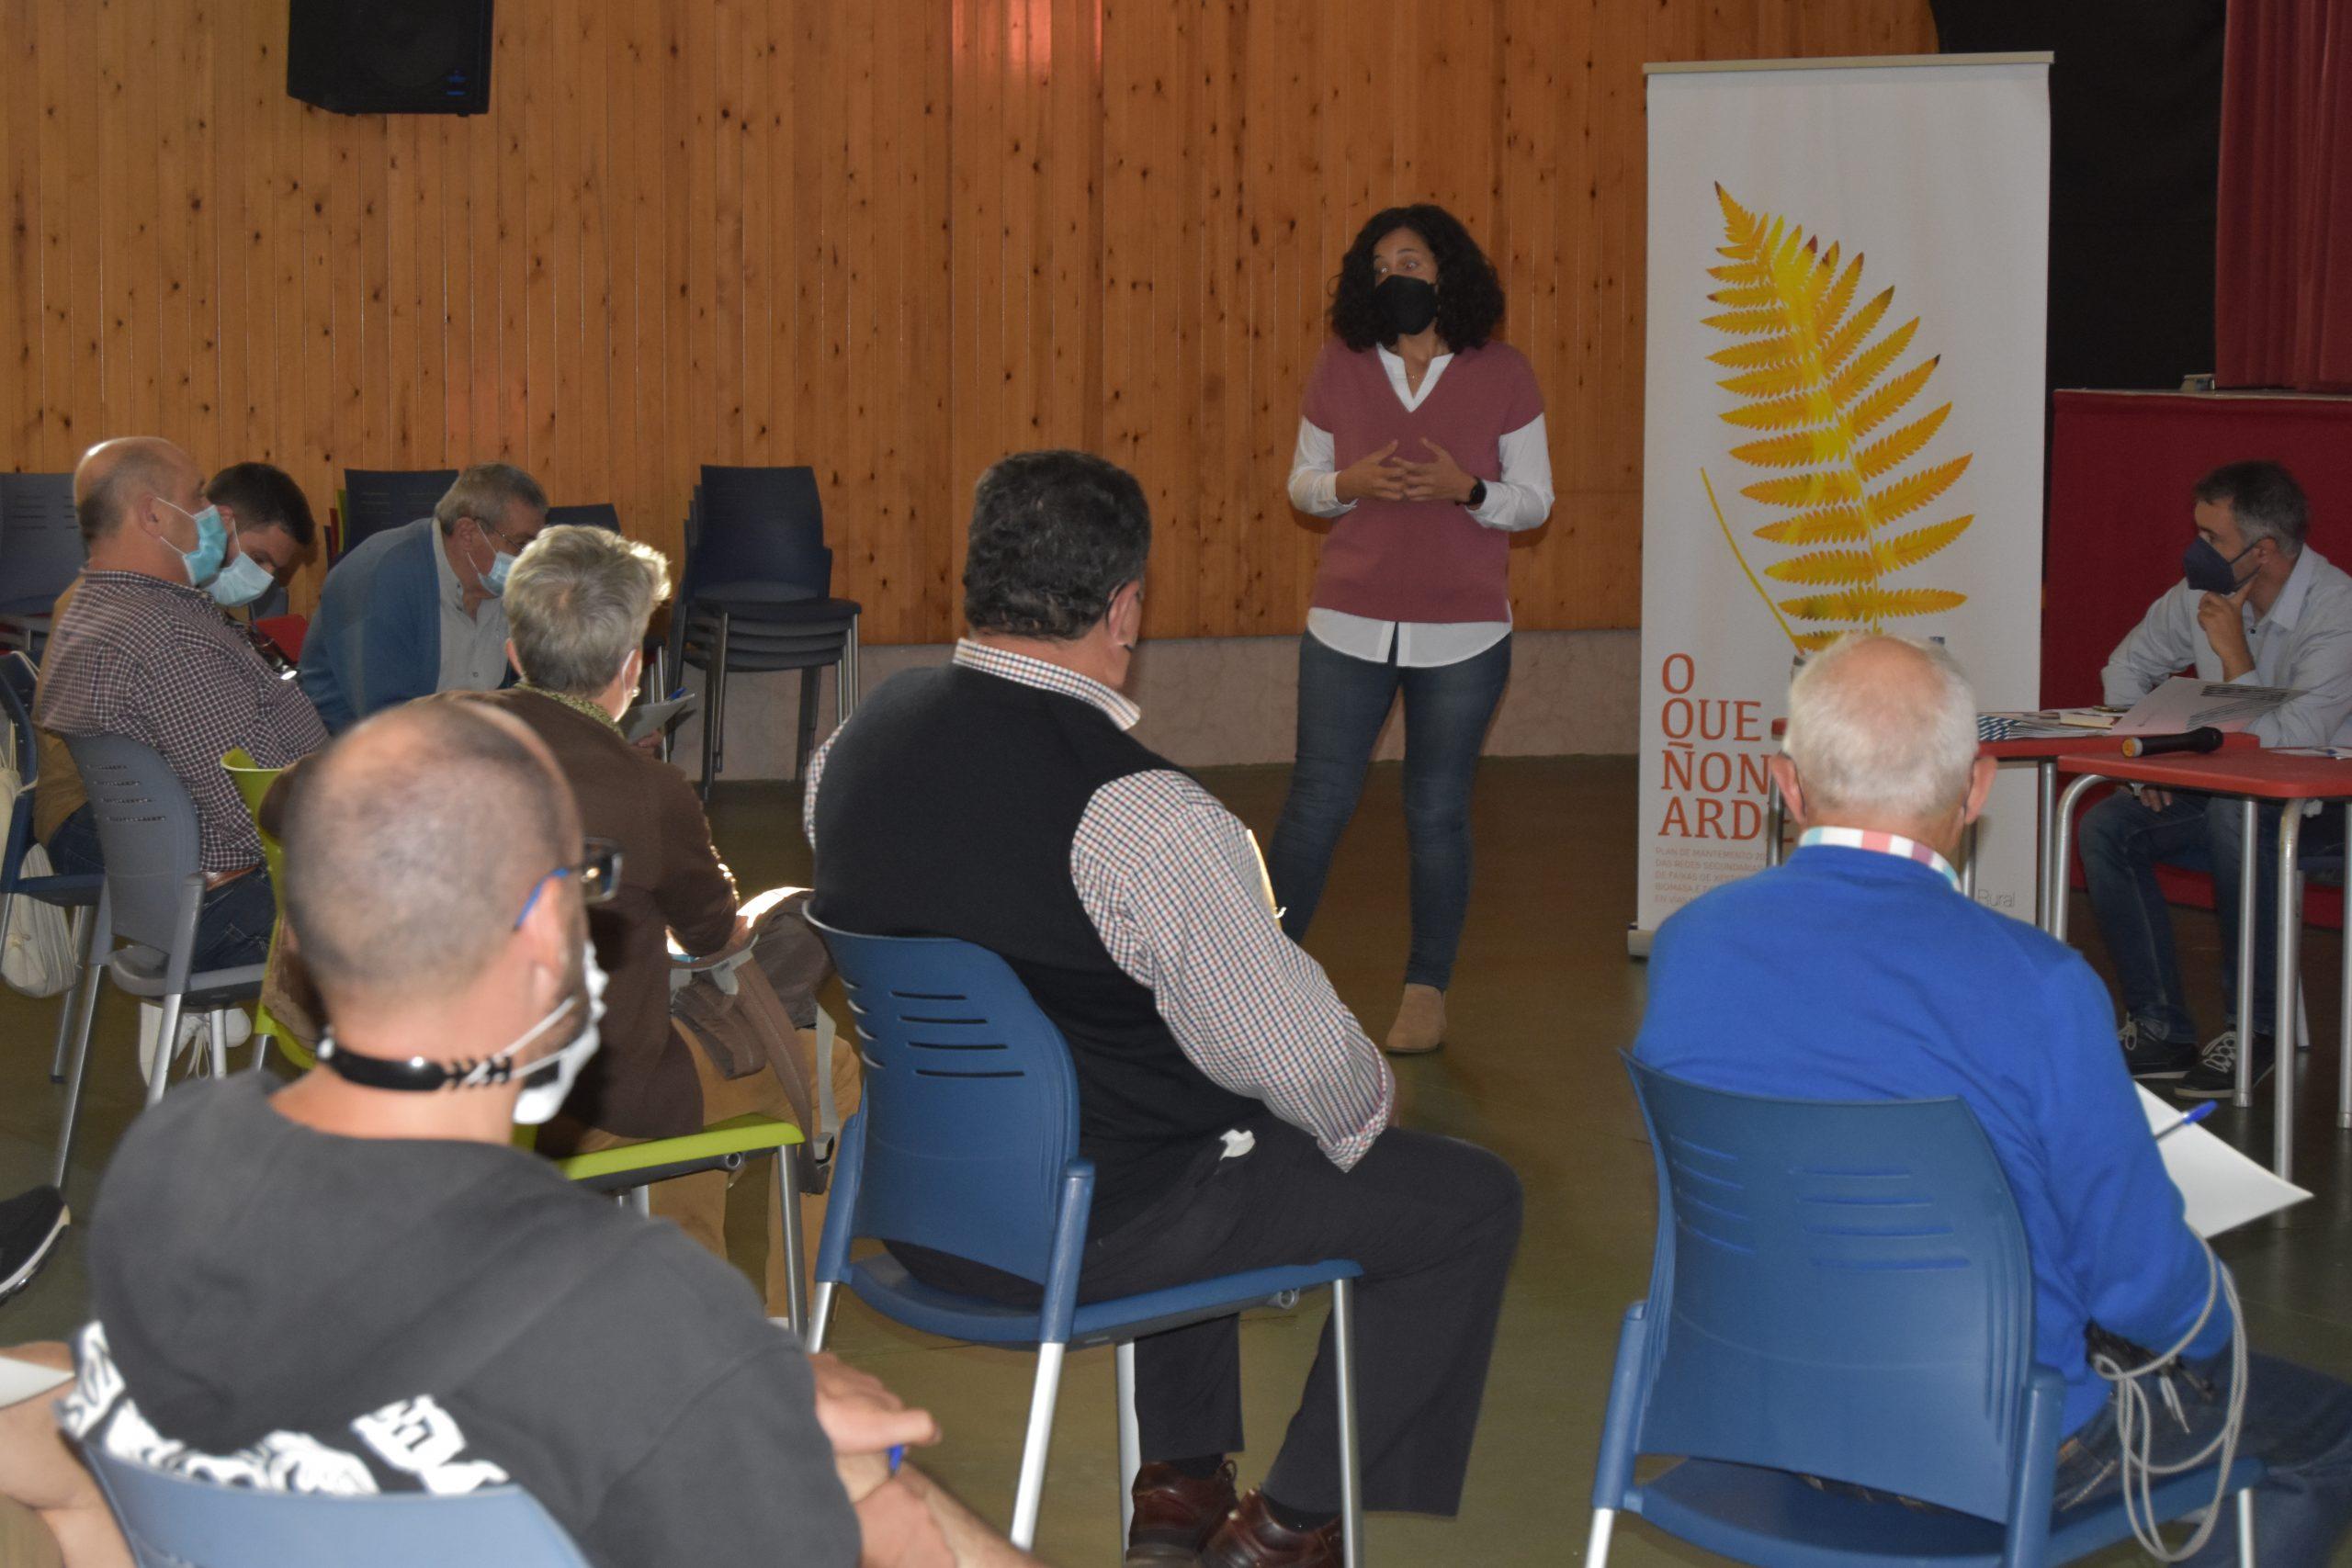 """Mónica Freire expón ás comunidades de montes  da Mariña os obxectivos do programa de prevención de lumes """"O que non arde"""""""